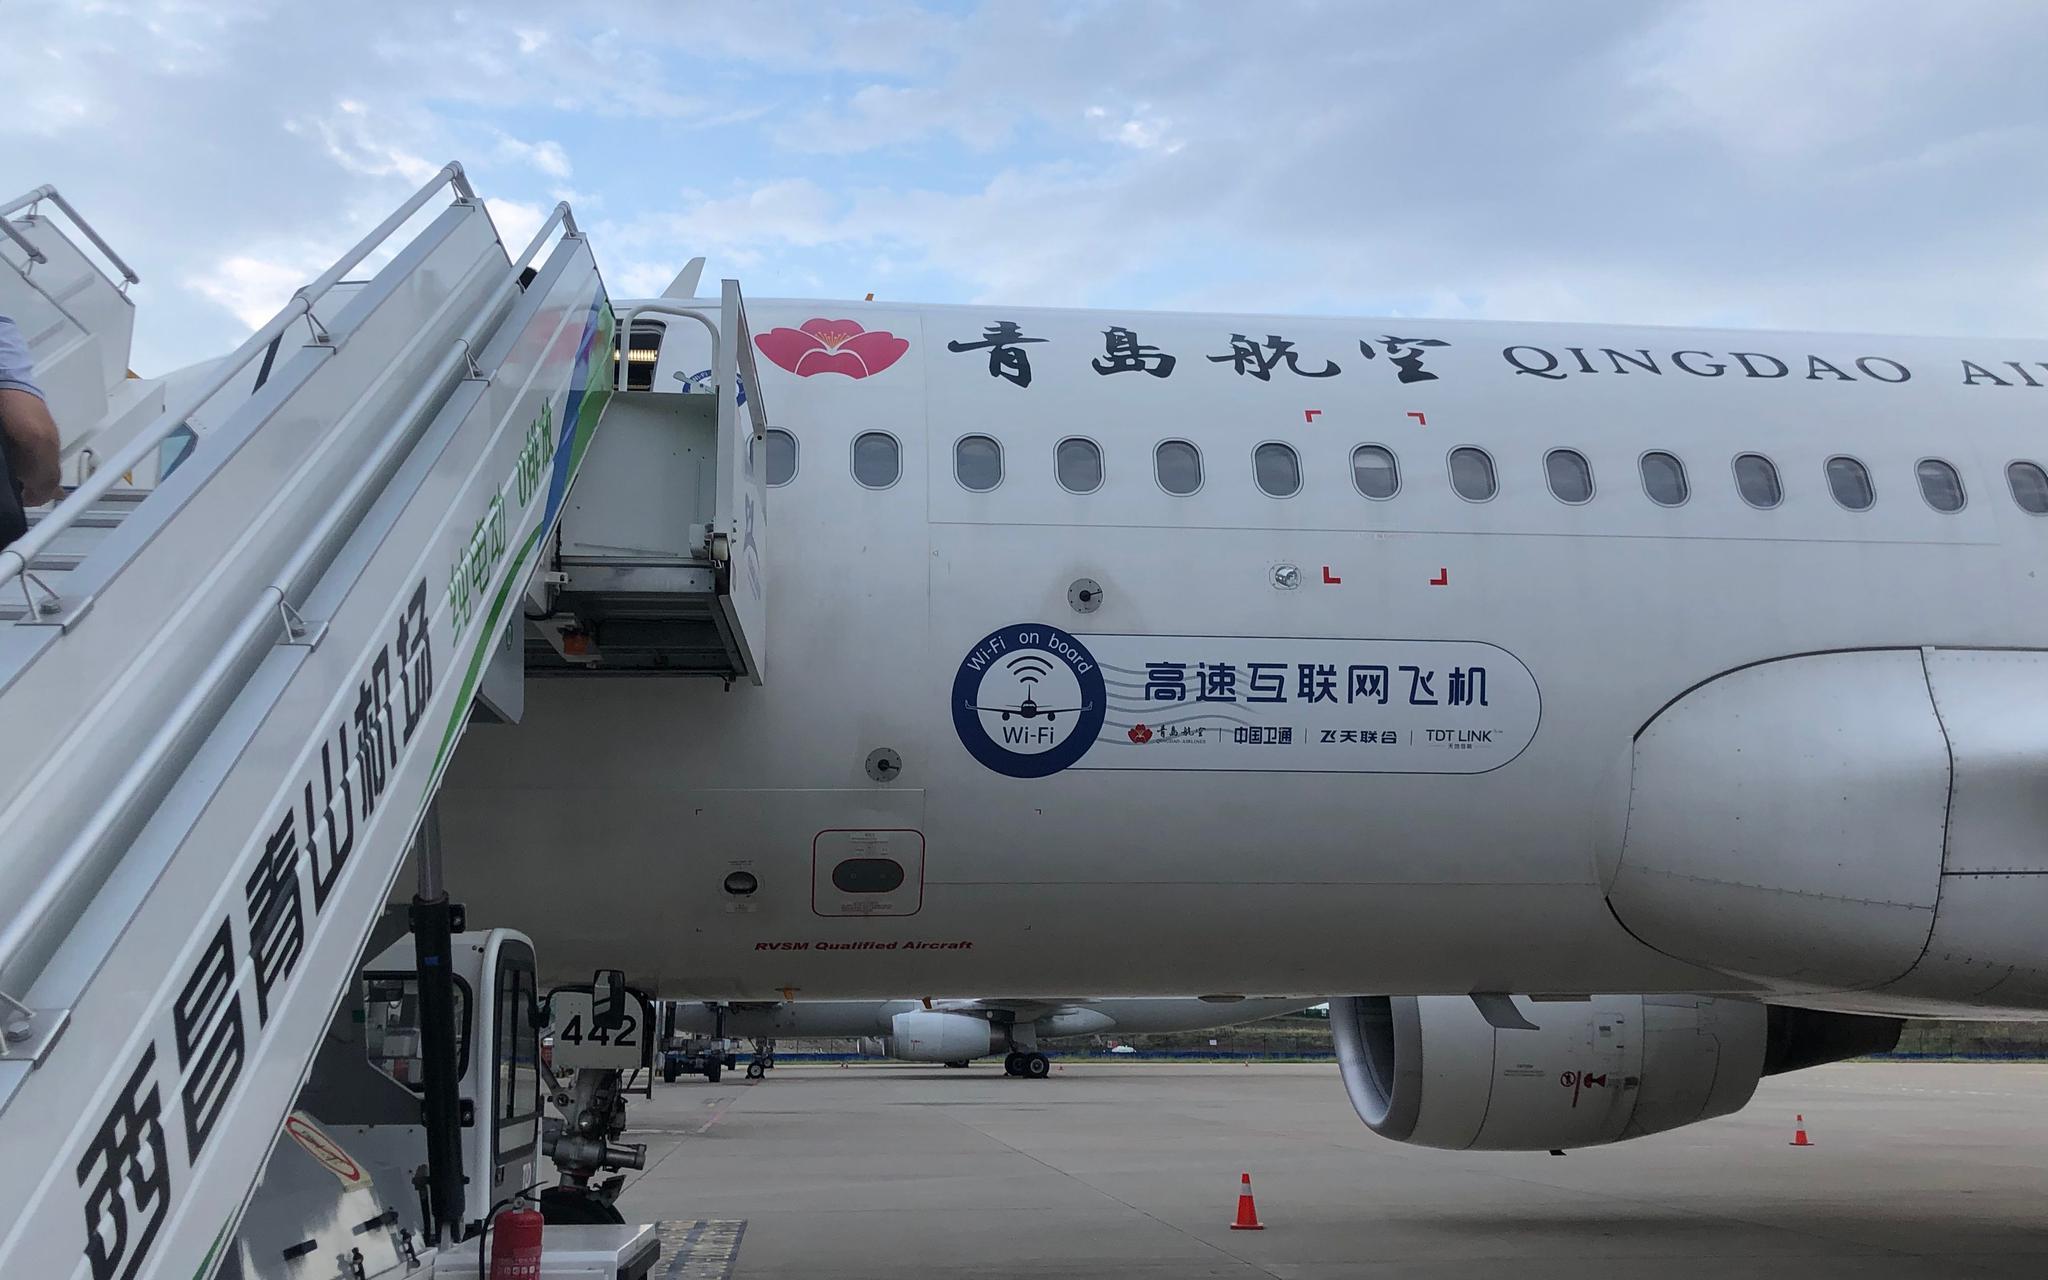 杏悦,高速互联网飞机杏悦首航揭秘如何在天上上网冲图片